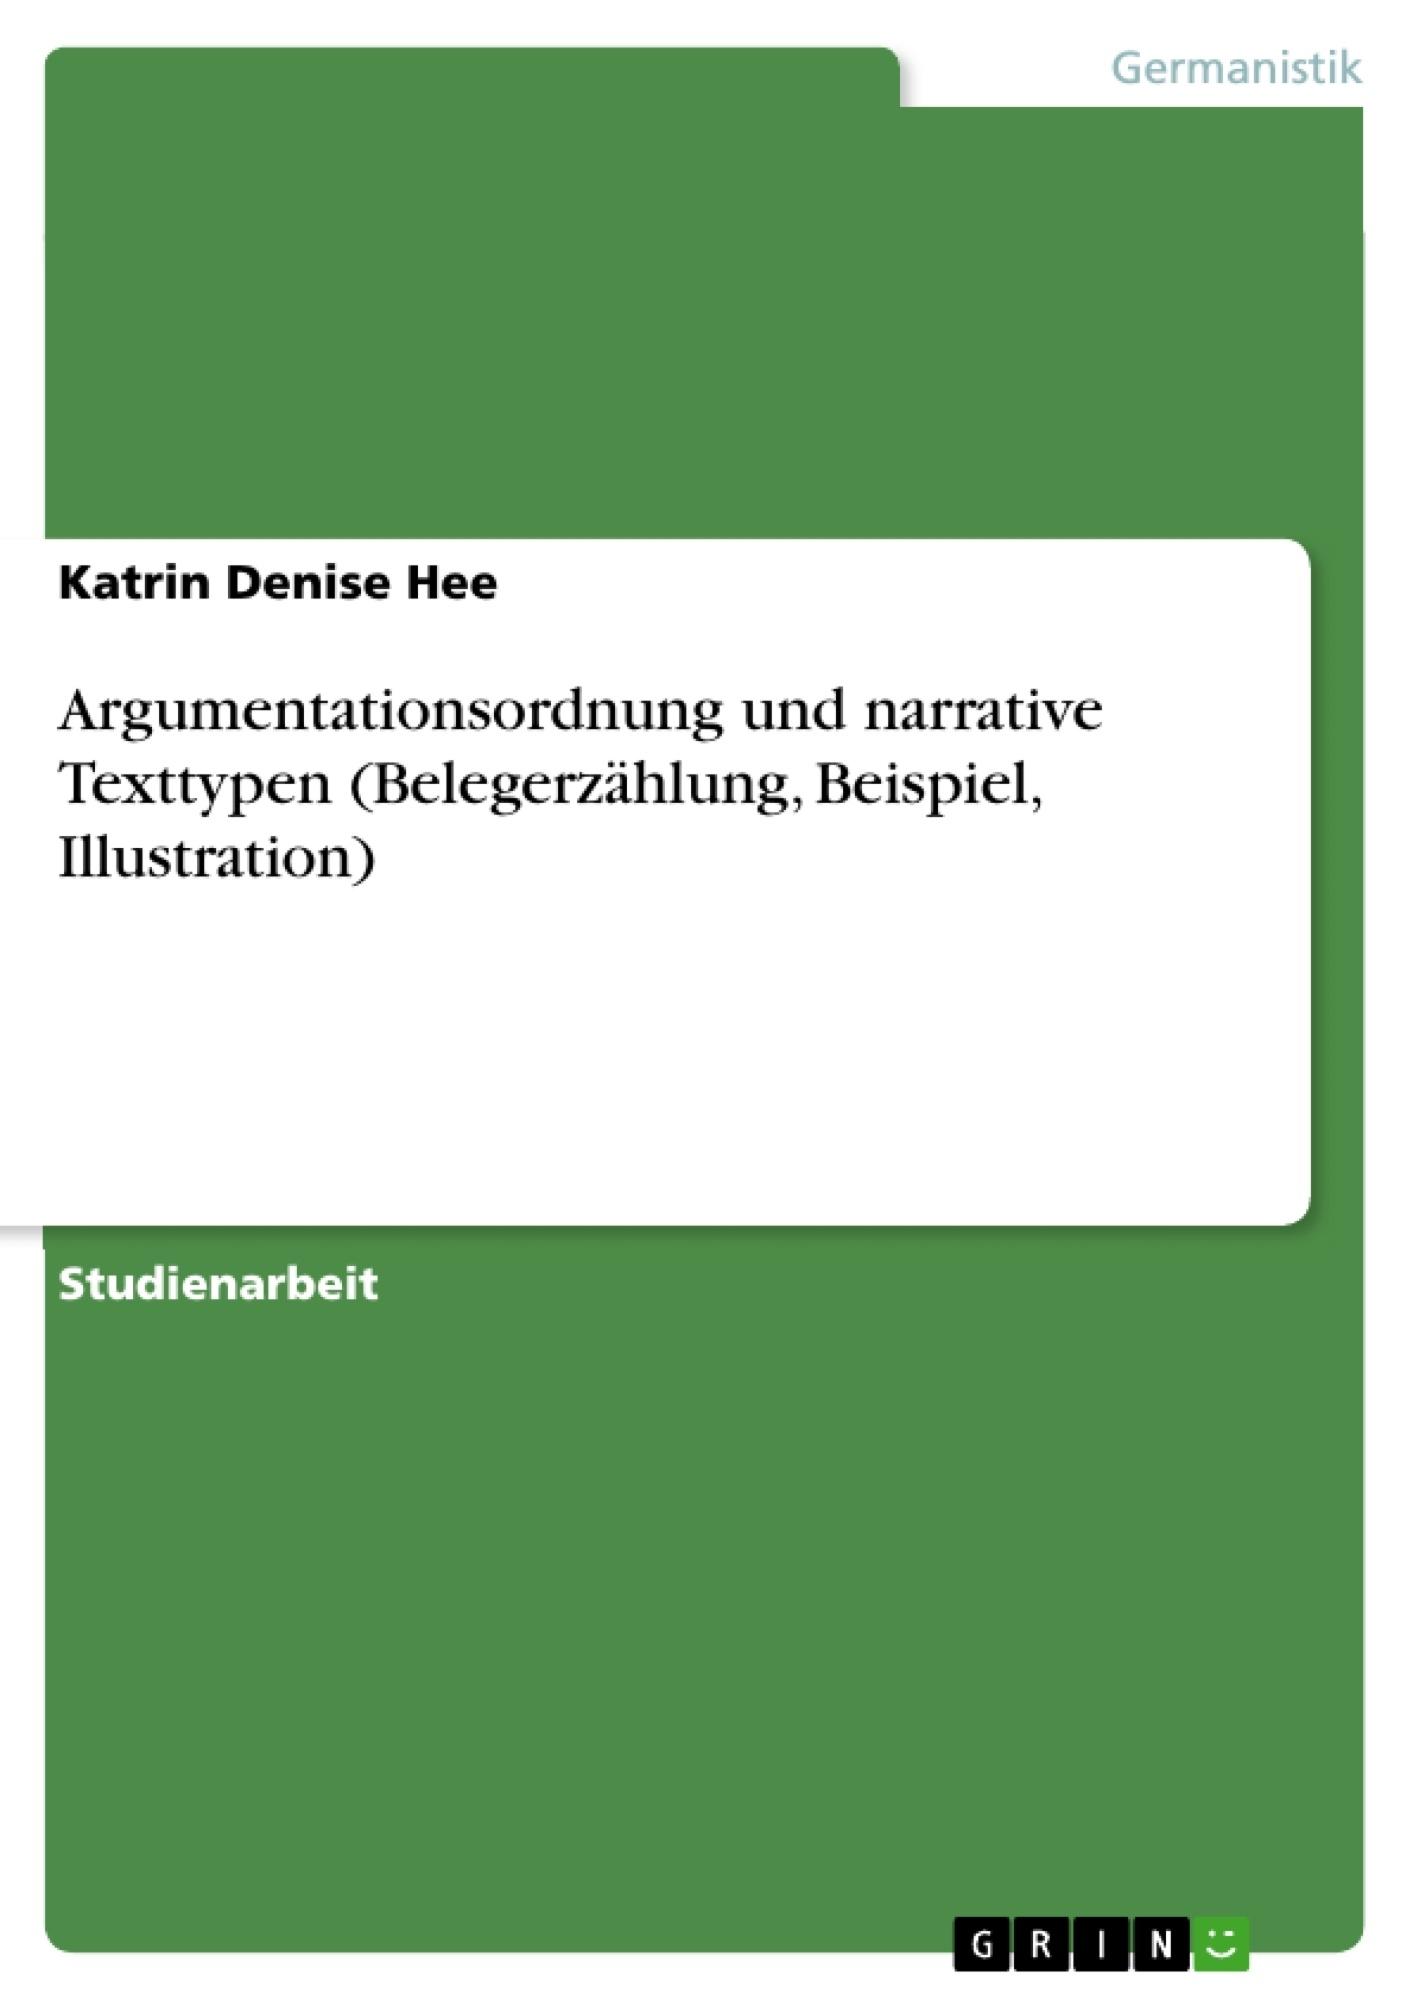 Titel: Argumentationsordnung und narrative Texttypen (Belegerzählung, Beispiel, Illustration)